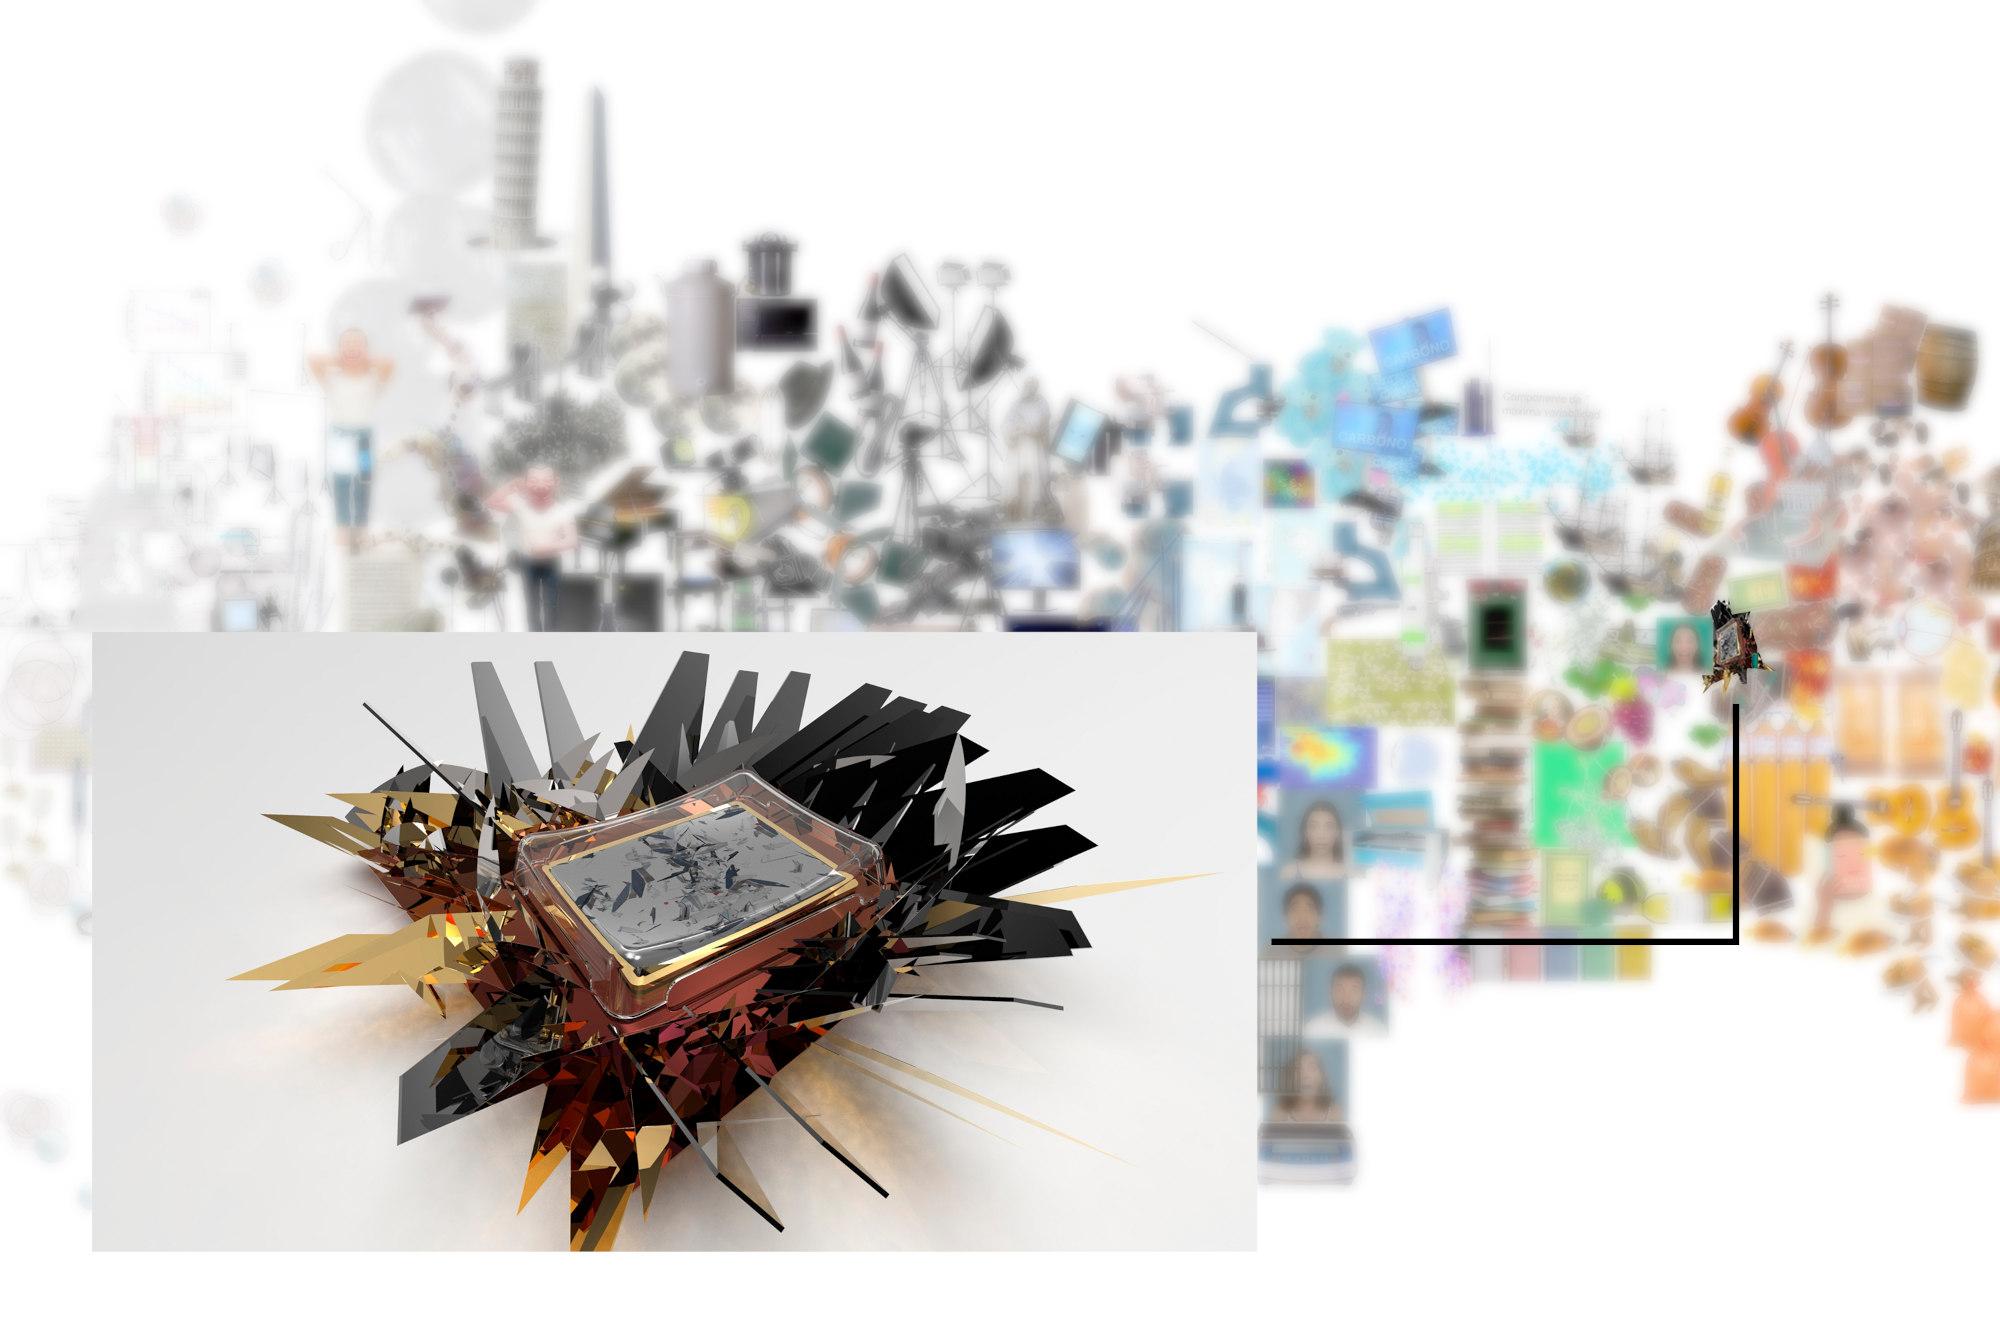 """Participación en """"Ars Electronica Festival"""". Realización de obra conjunta con investigadores de Muntref Centro de Arte y Ciencia """"The Garden of Curiosity"""". (Septiembre 2020)"""